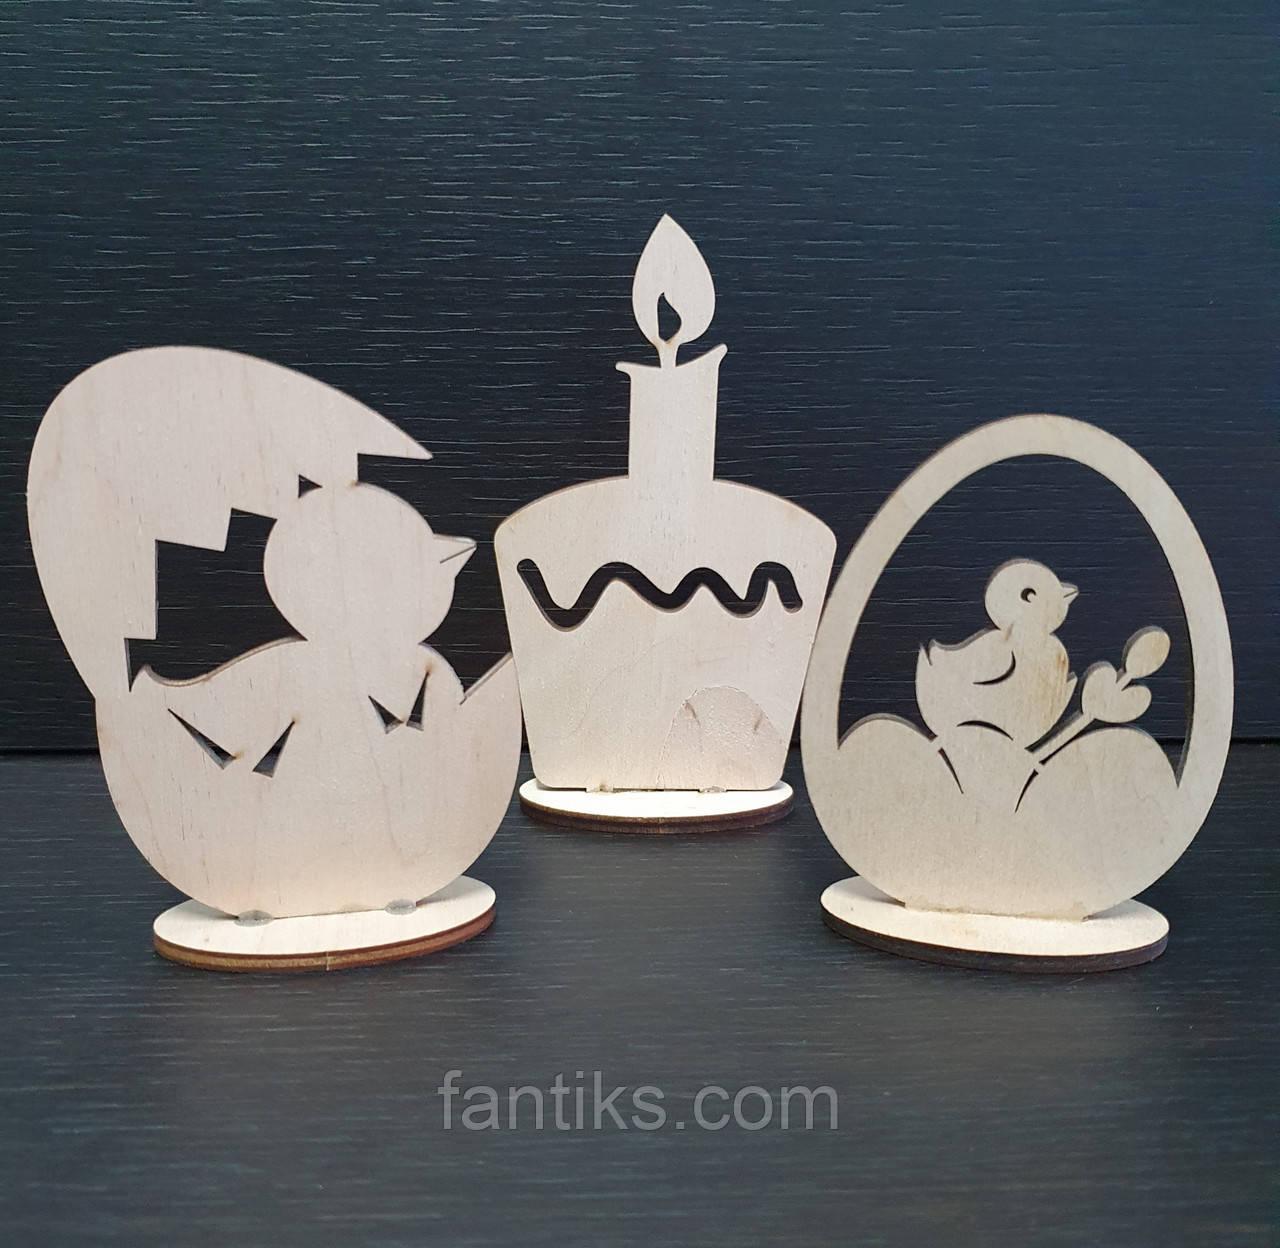 Дерев'яний великодній декор (статуетки) - набір 3 фігурки